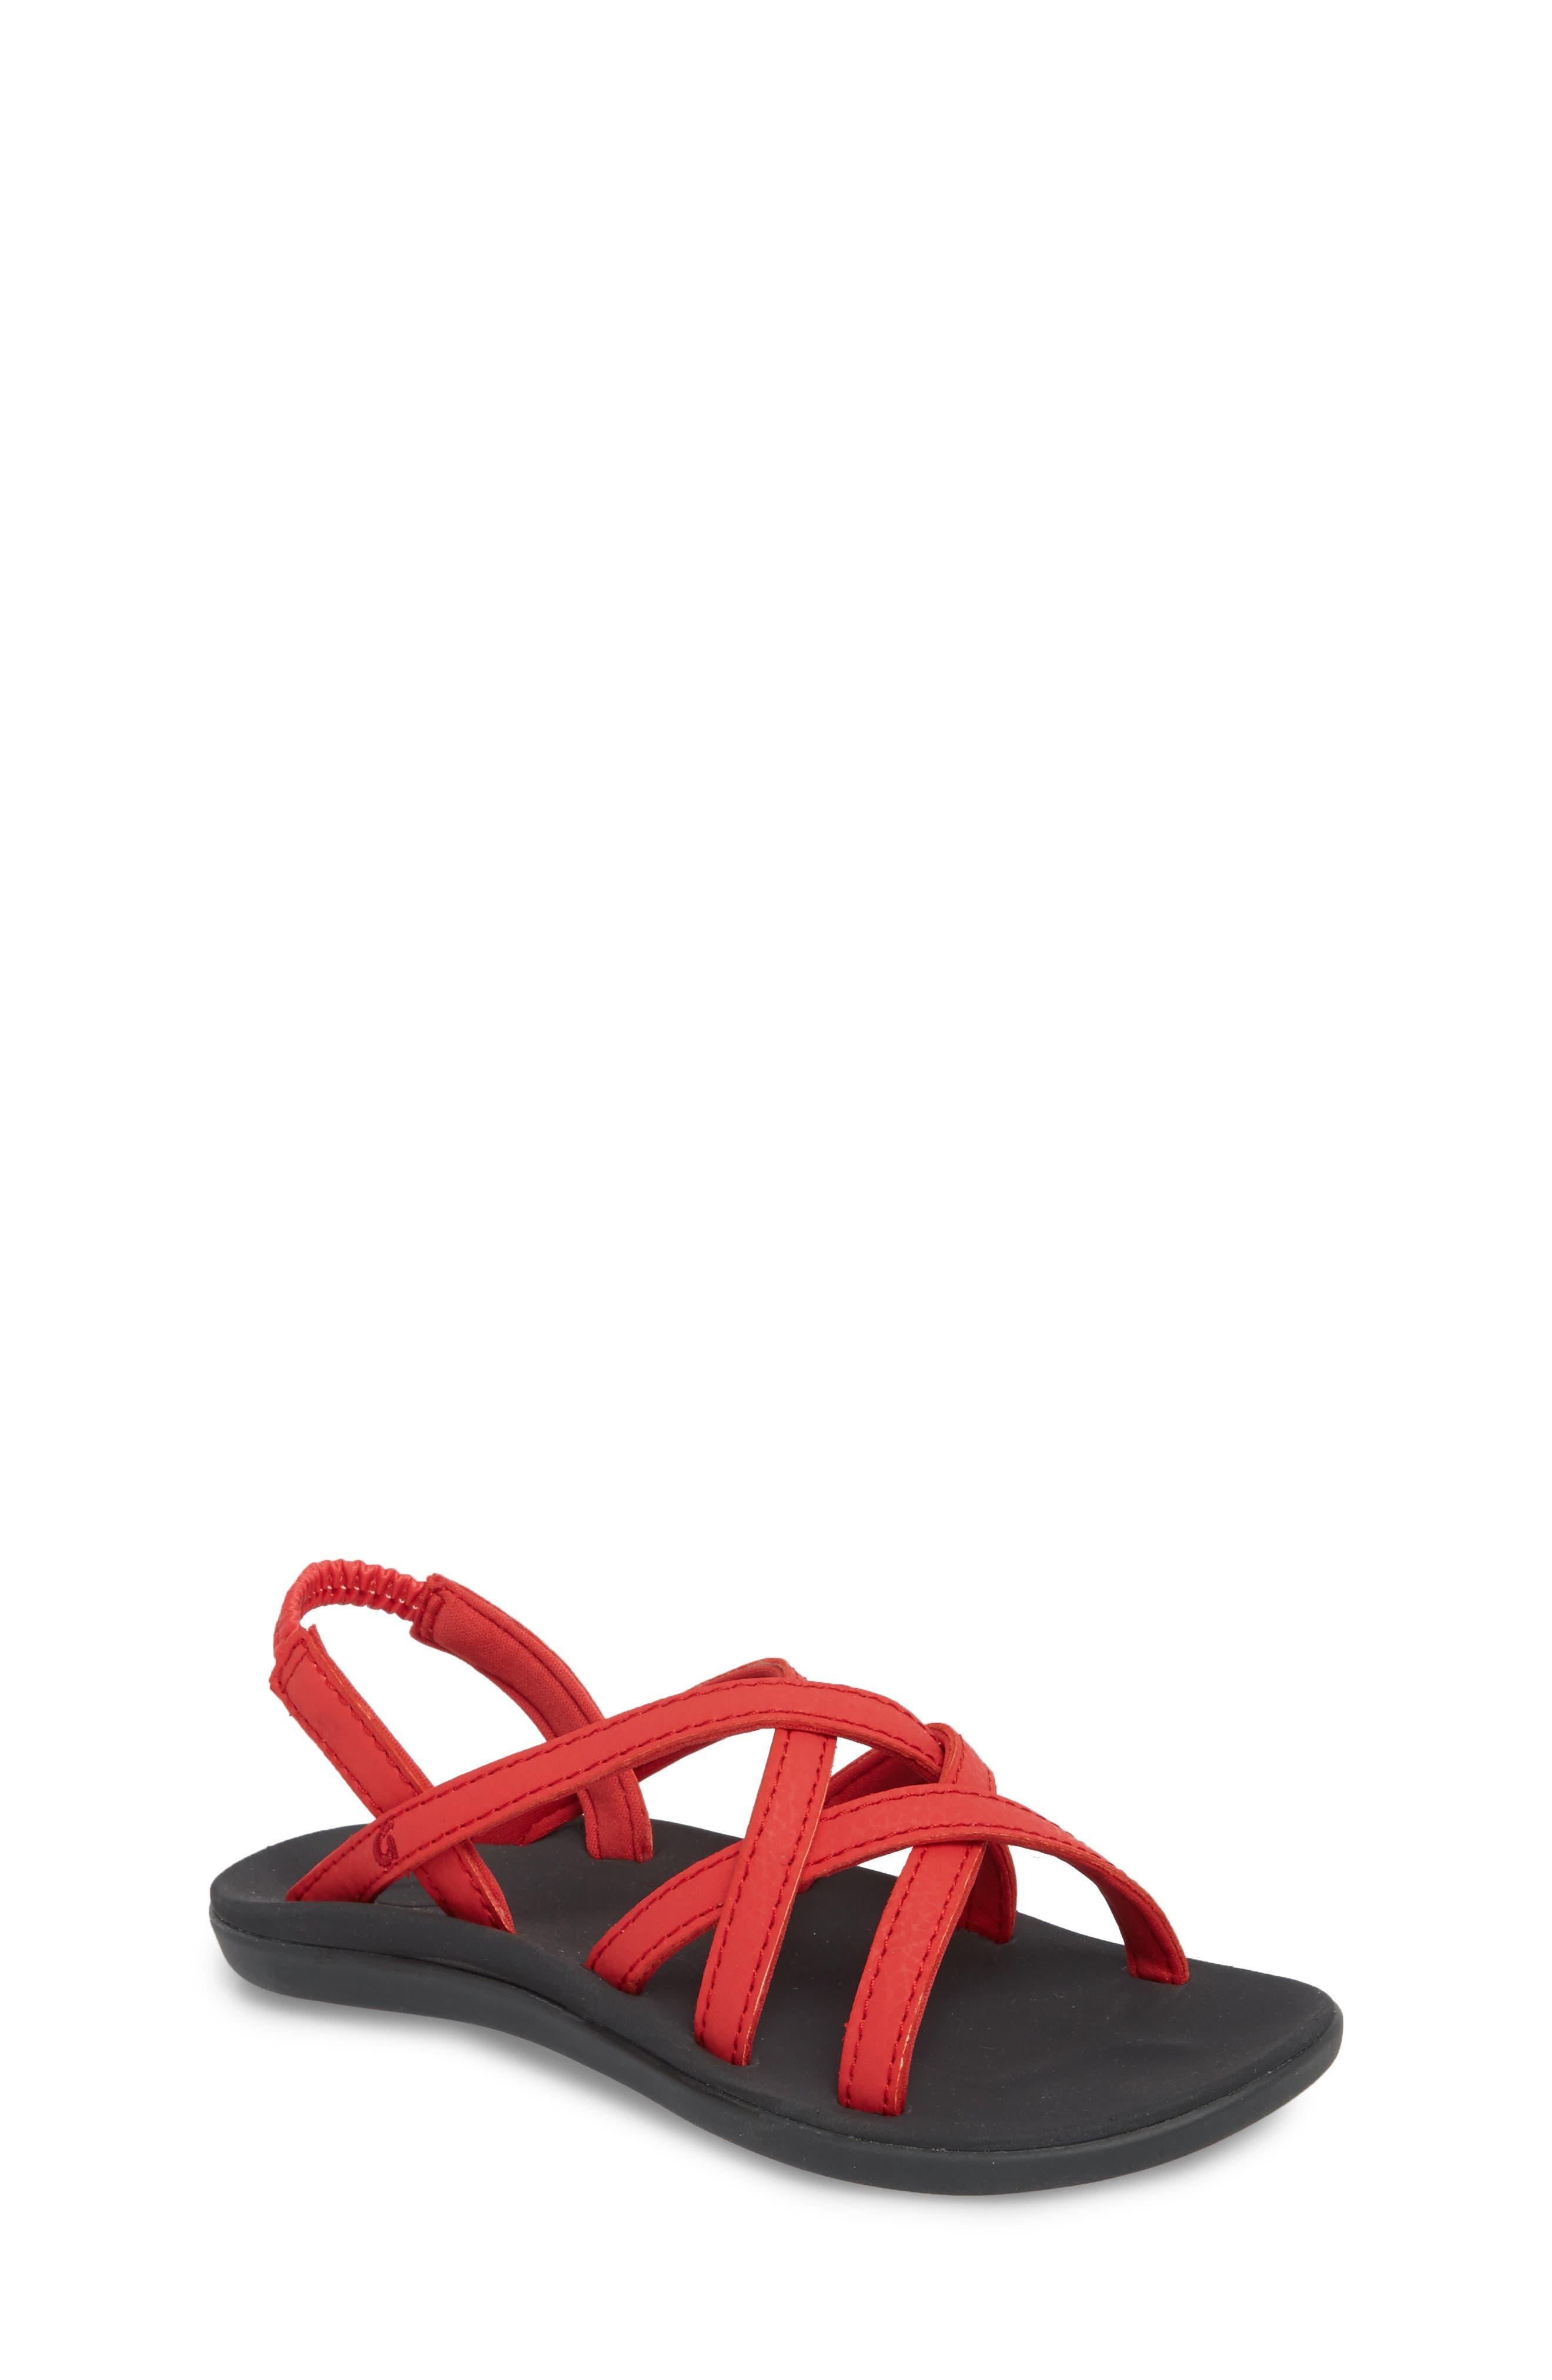 Kalapu Sandal,                         Main,                         color, Hibiscus/ Dark Shadow